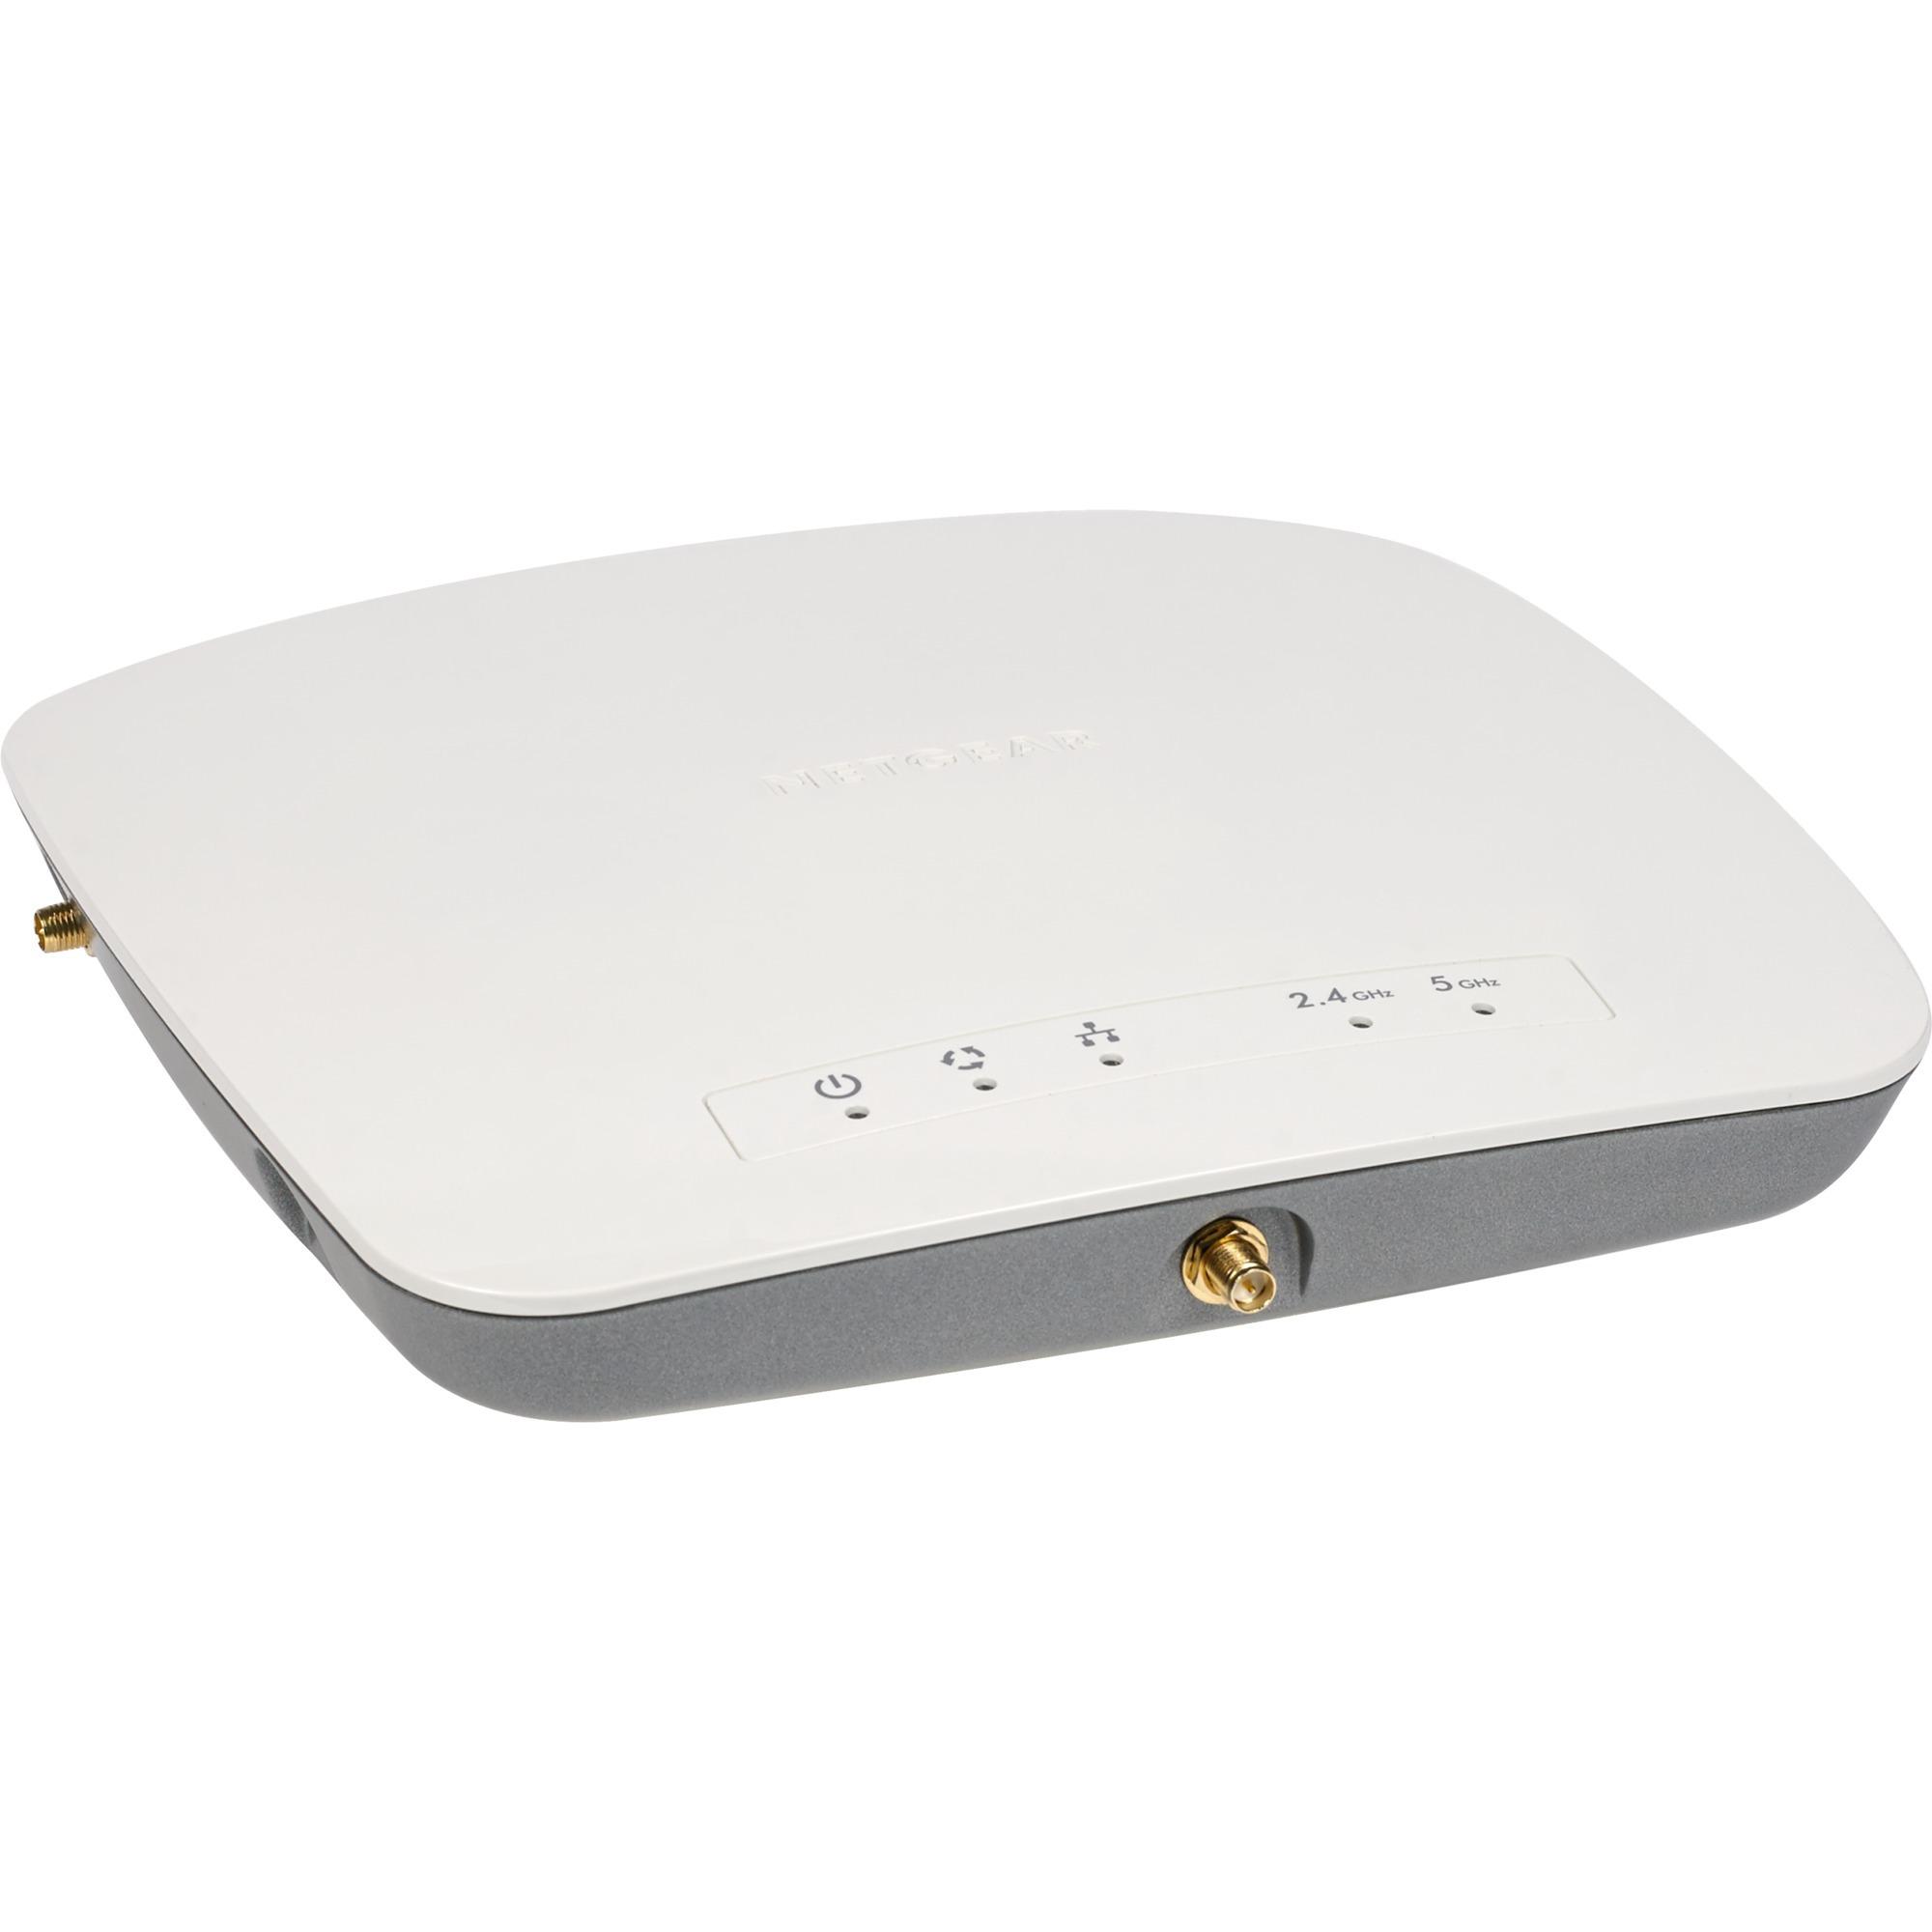 WAC730 punto de acceso WLAN 1300 Mbit/s Energía sobre Ethernet (PoE) Blanco